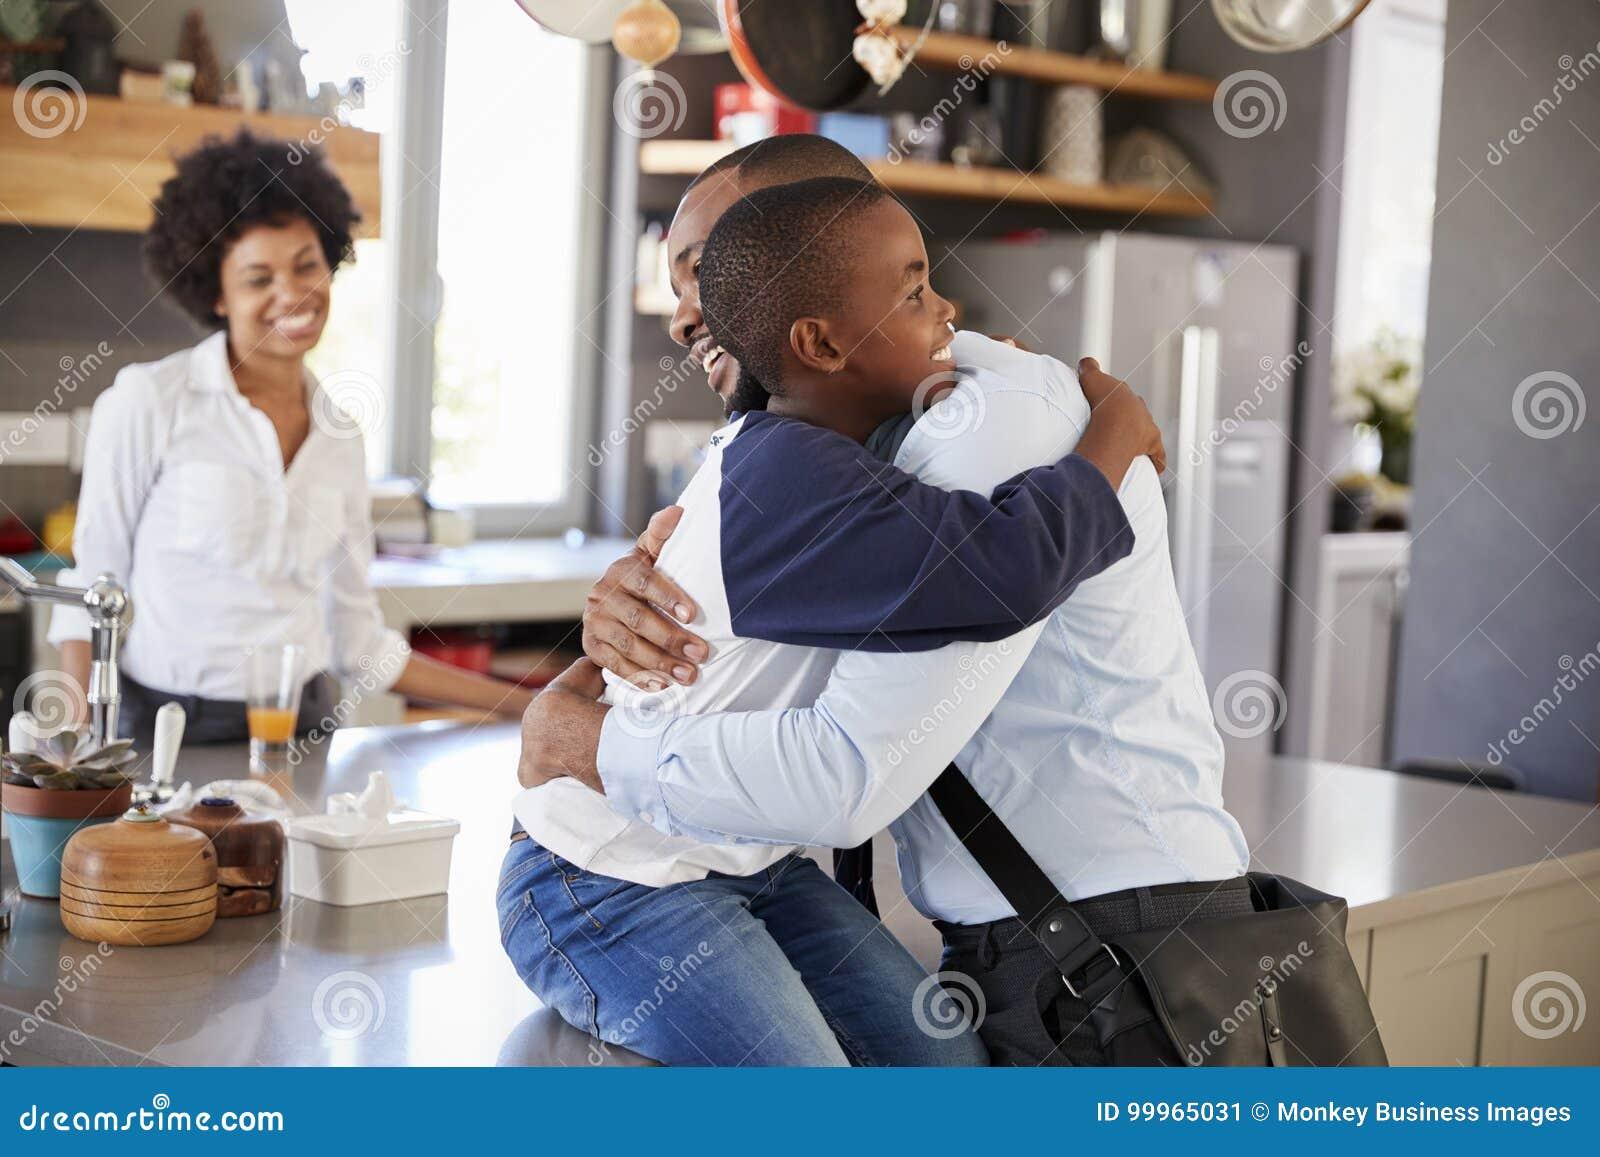 Πατέρας που λέει αντίο στο γιο όπως φεύγει για την εργασία